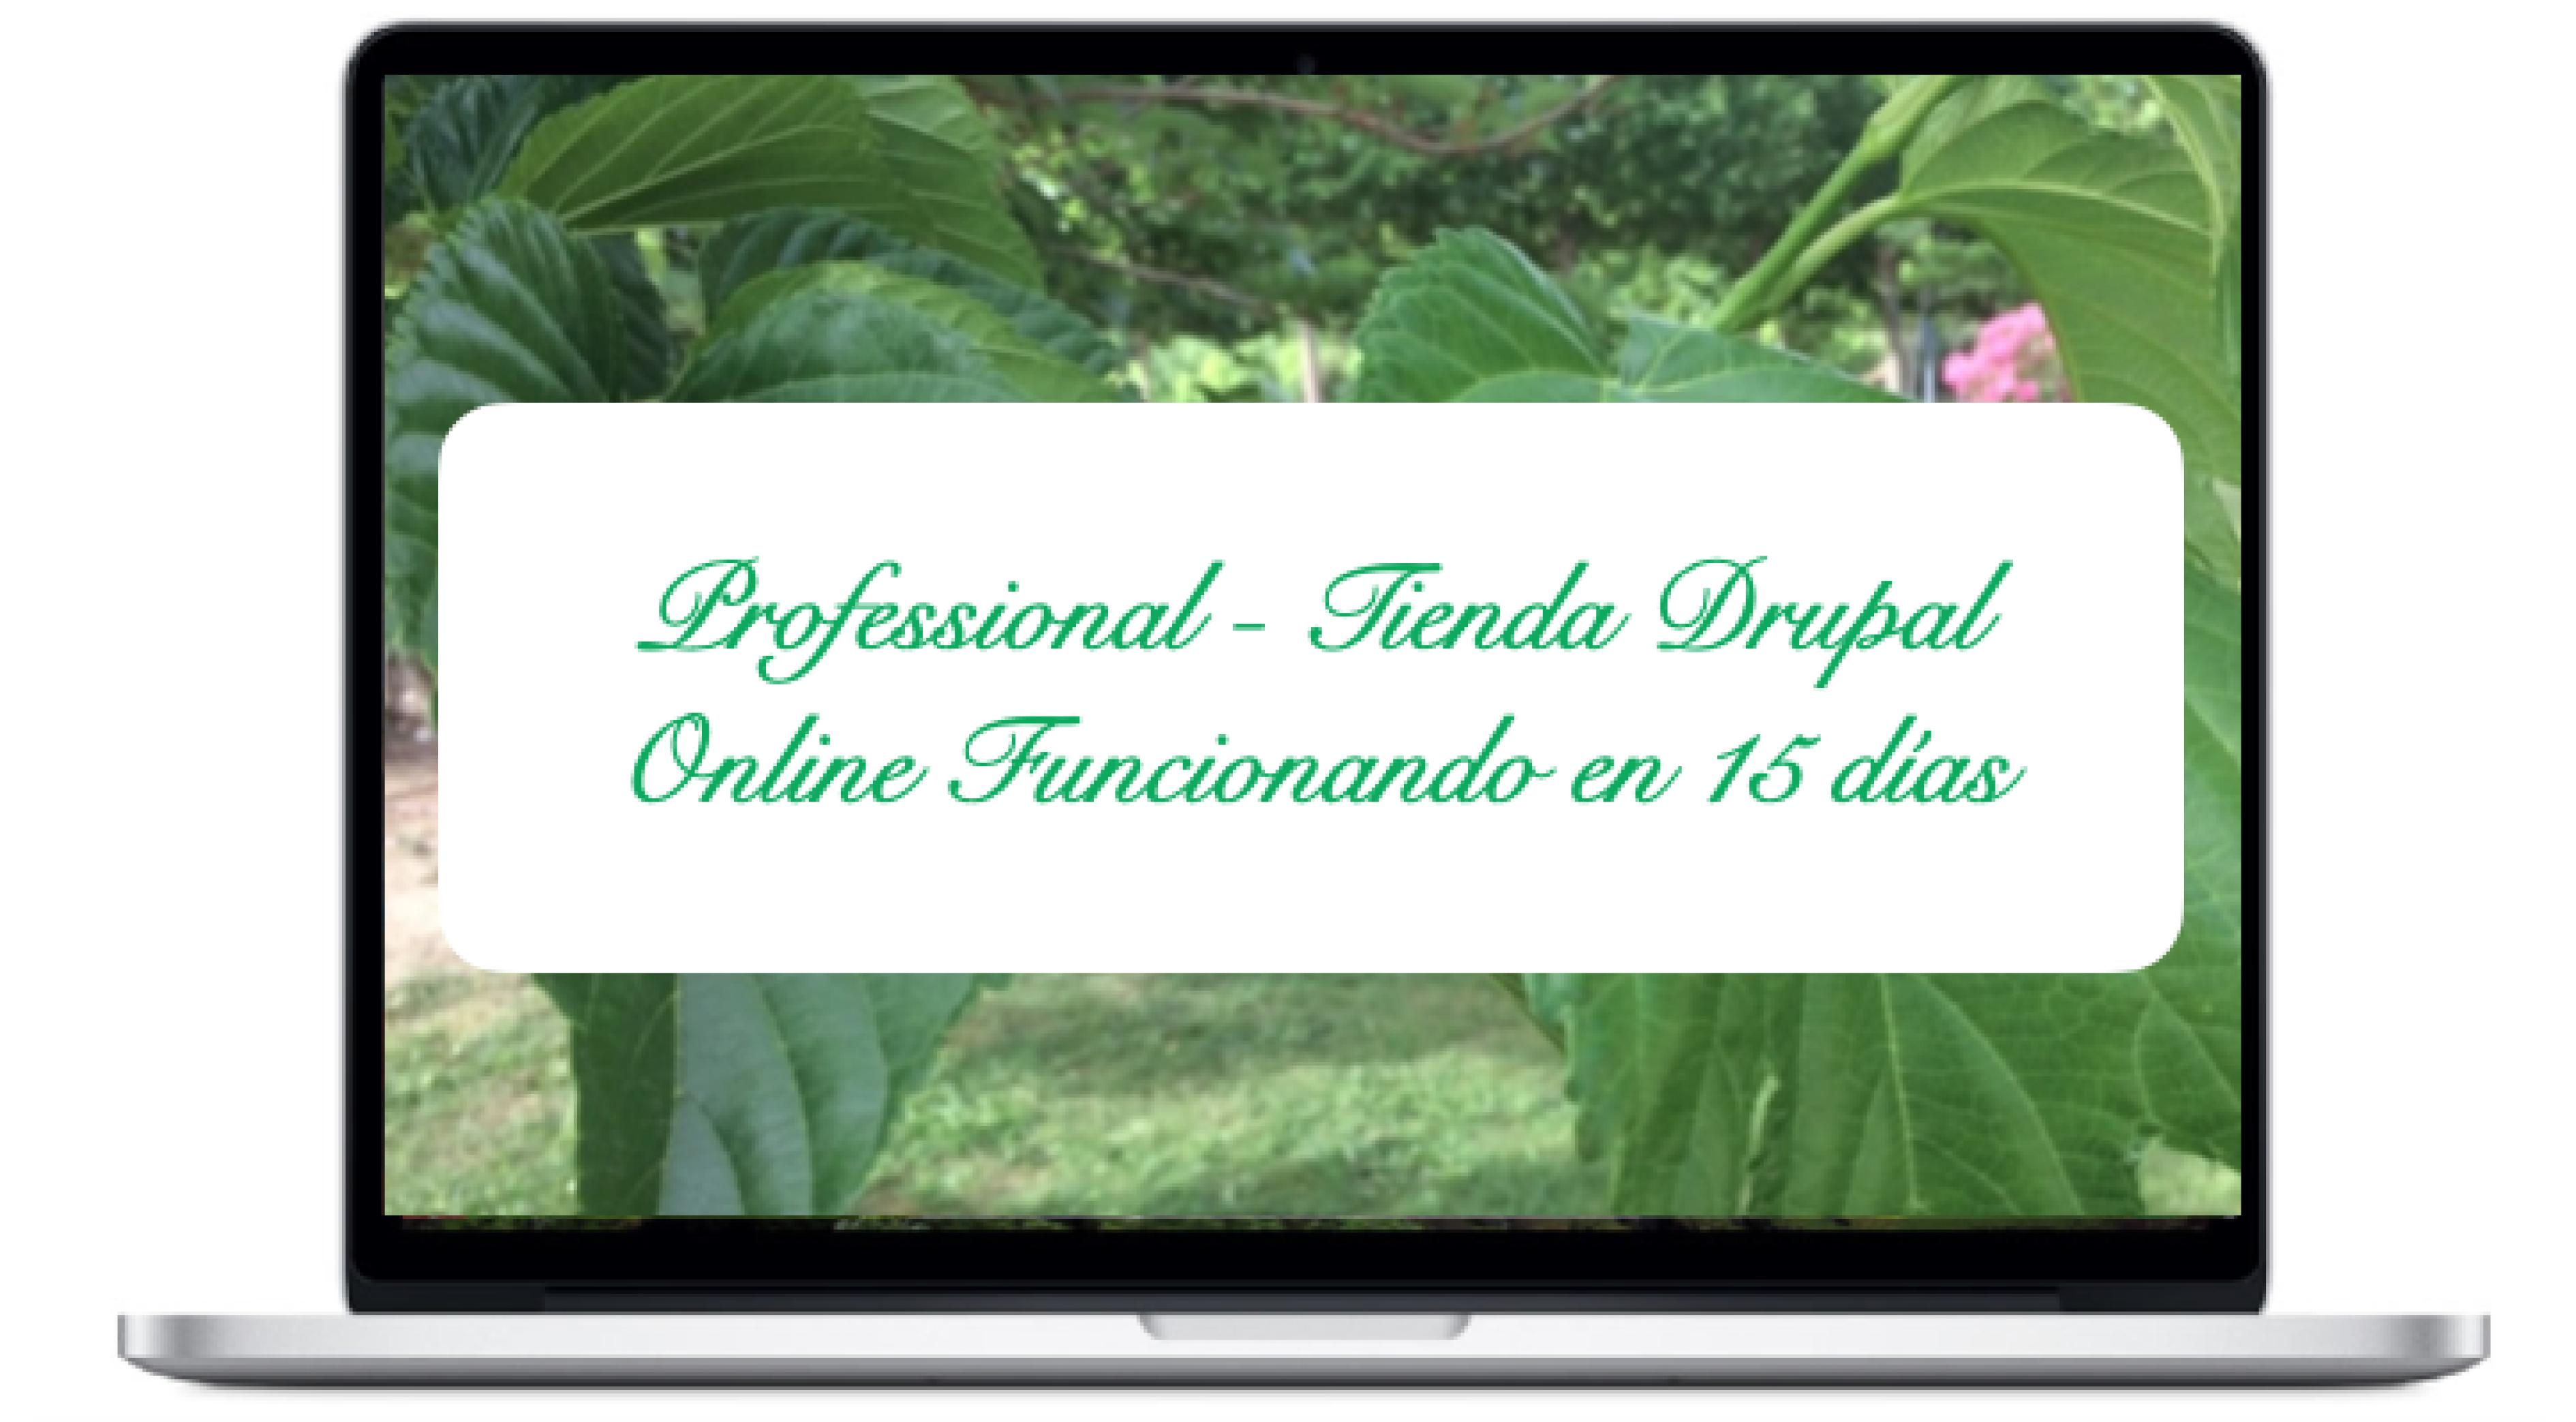 professional-tienda-drupal-online-funcionando-en-15-dias_0